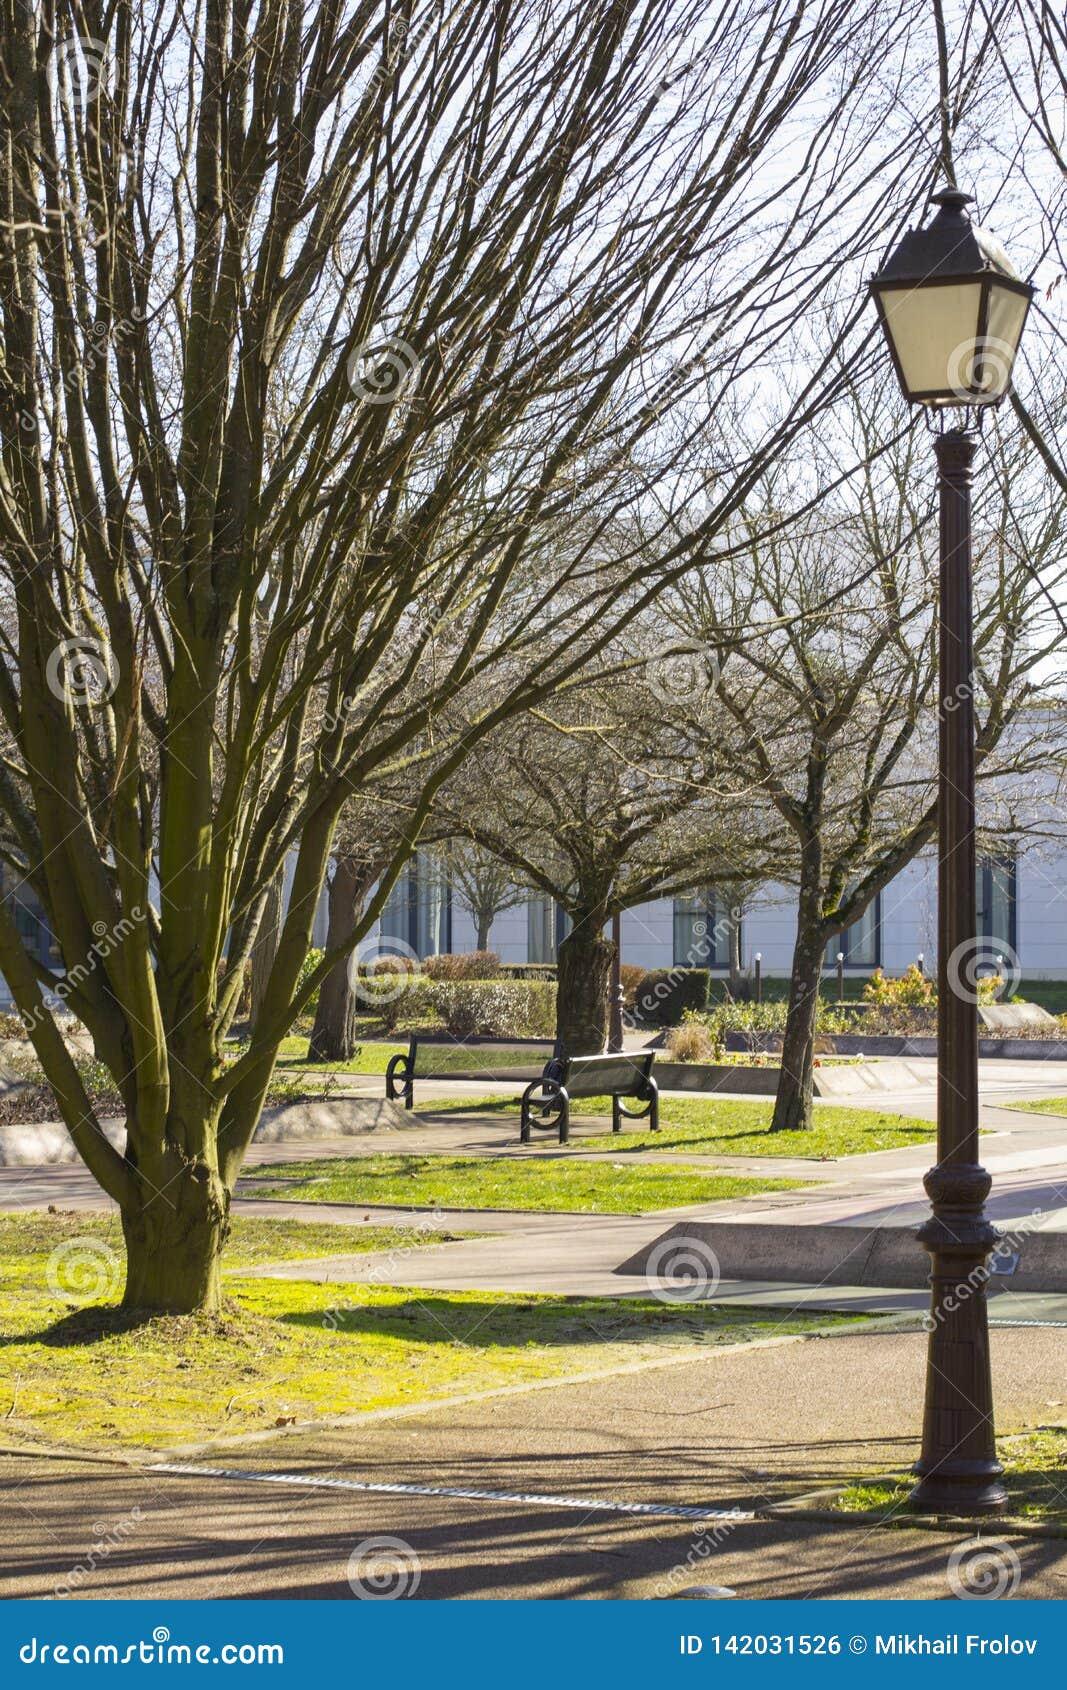 Lamppost z żelaznym żelazo lampionem w retro stylu w tle jest wczesnym wiosny parkiem z drzewami i ławkami